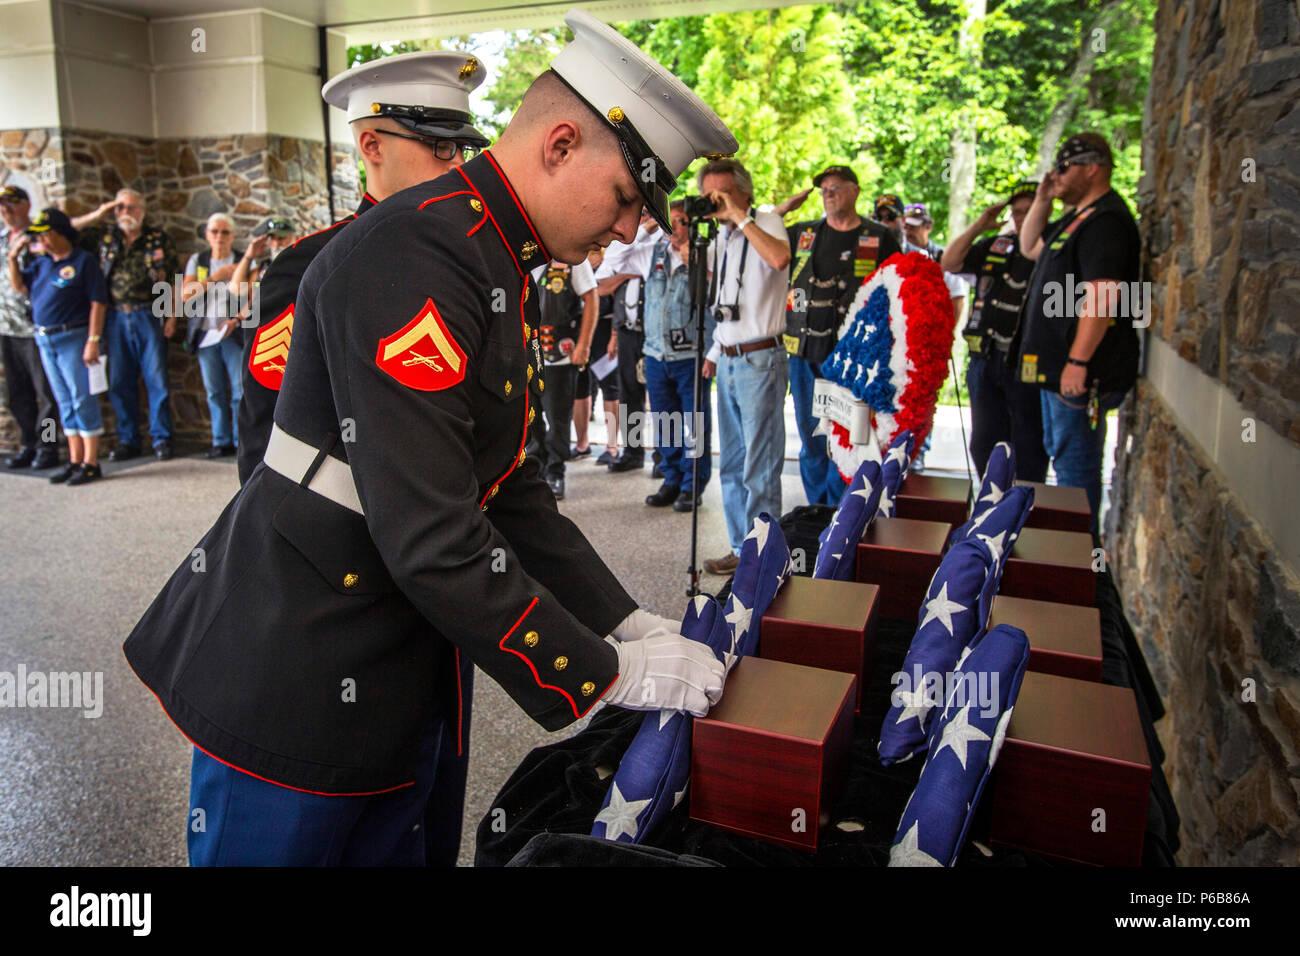 Us Marine Corps Lance Cpl. Tyler Eichman-Cothern, Links, eine Flagge vor eine Urne mit den cremains eines Veterans als Sgt. Gregory Perez steht an Aufmerksamkeit während der 29 New Jersey Mission der Ehre (NJMOH) Zeremonie an der Brigadier General William C. Doyle Veterans Memorial Friedhof im Norden Hannovers Township, New Jersey, 21. Juni 2018. Die cremains von eine Welt krieg ich Veteran Joseph S. Bey, zwei Weltkriegveterane Arthur L. Hodges und James C. Warren, zwei Korean War Veterans Wilbur J. durchbohren und Claude Robinson, drei Vietnam Veteranen Joseph F. Boone jr., Malachia Rich jr. und Stockbild